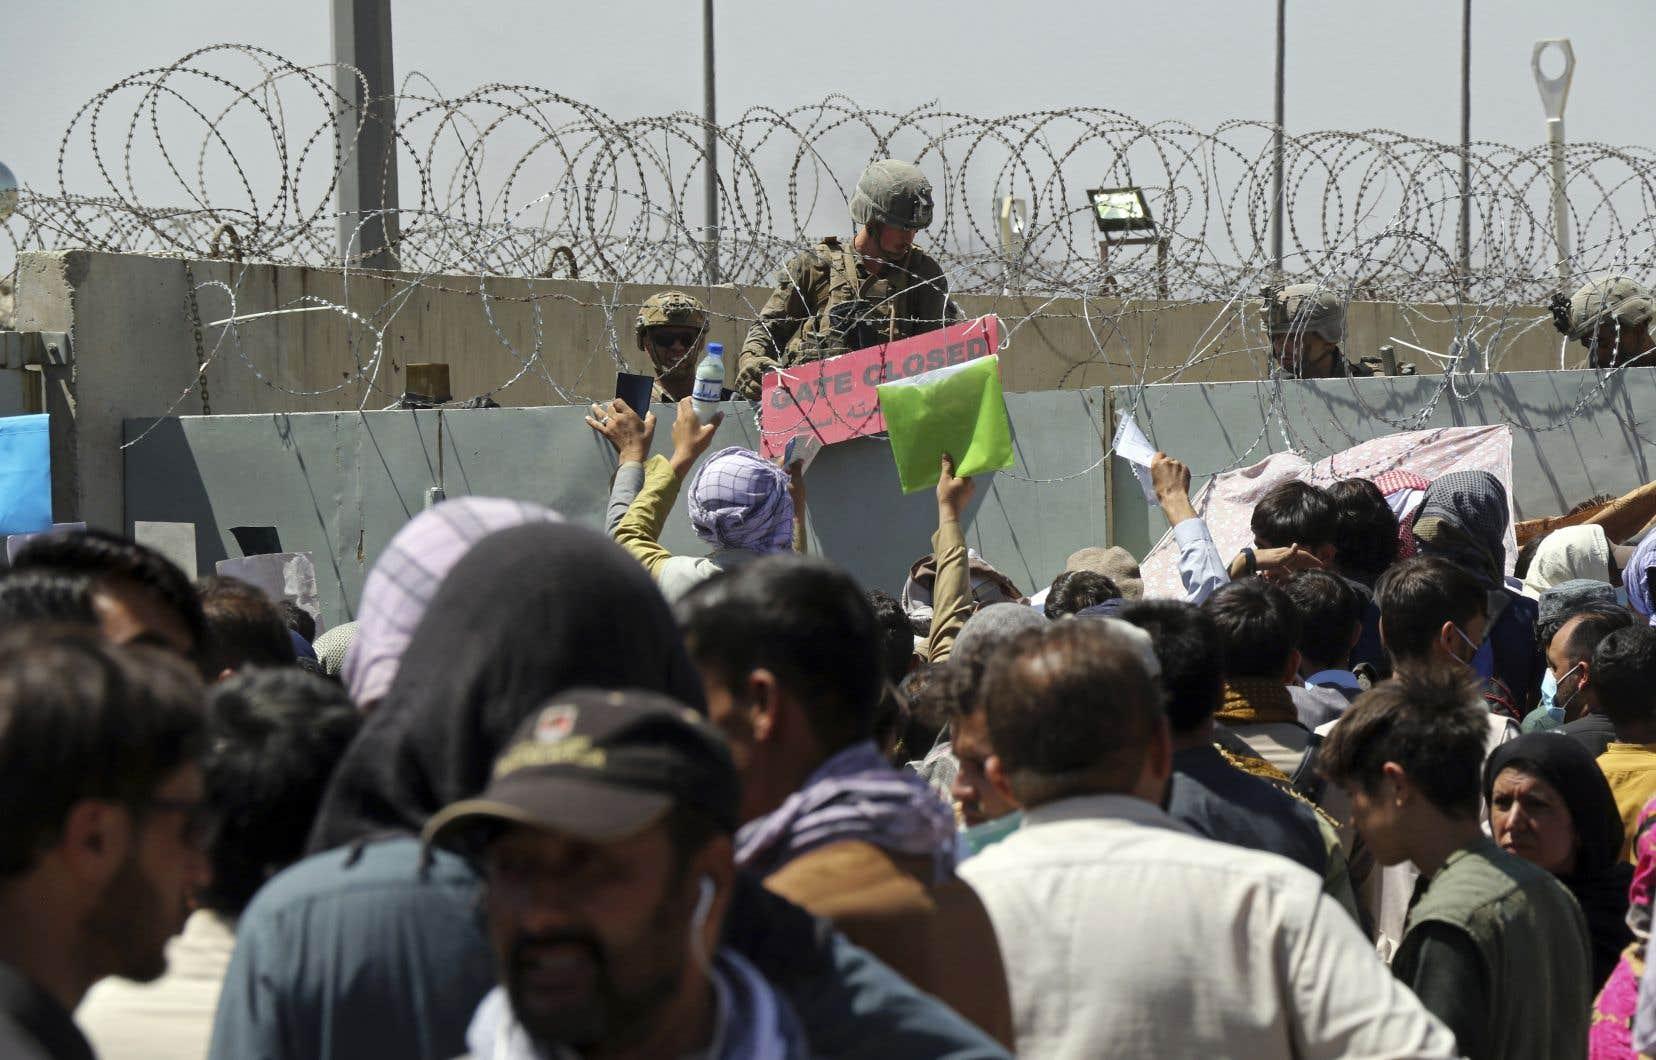 Chaque jour, des membres de la famille de Zabiullah Ameri se rendent, ainsi que des milliers d'autres, aux portes de l'aéroport de Kaboul dans l'espoir qu'on les laisse passer. En vain.